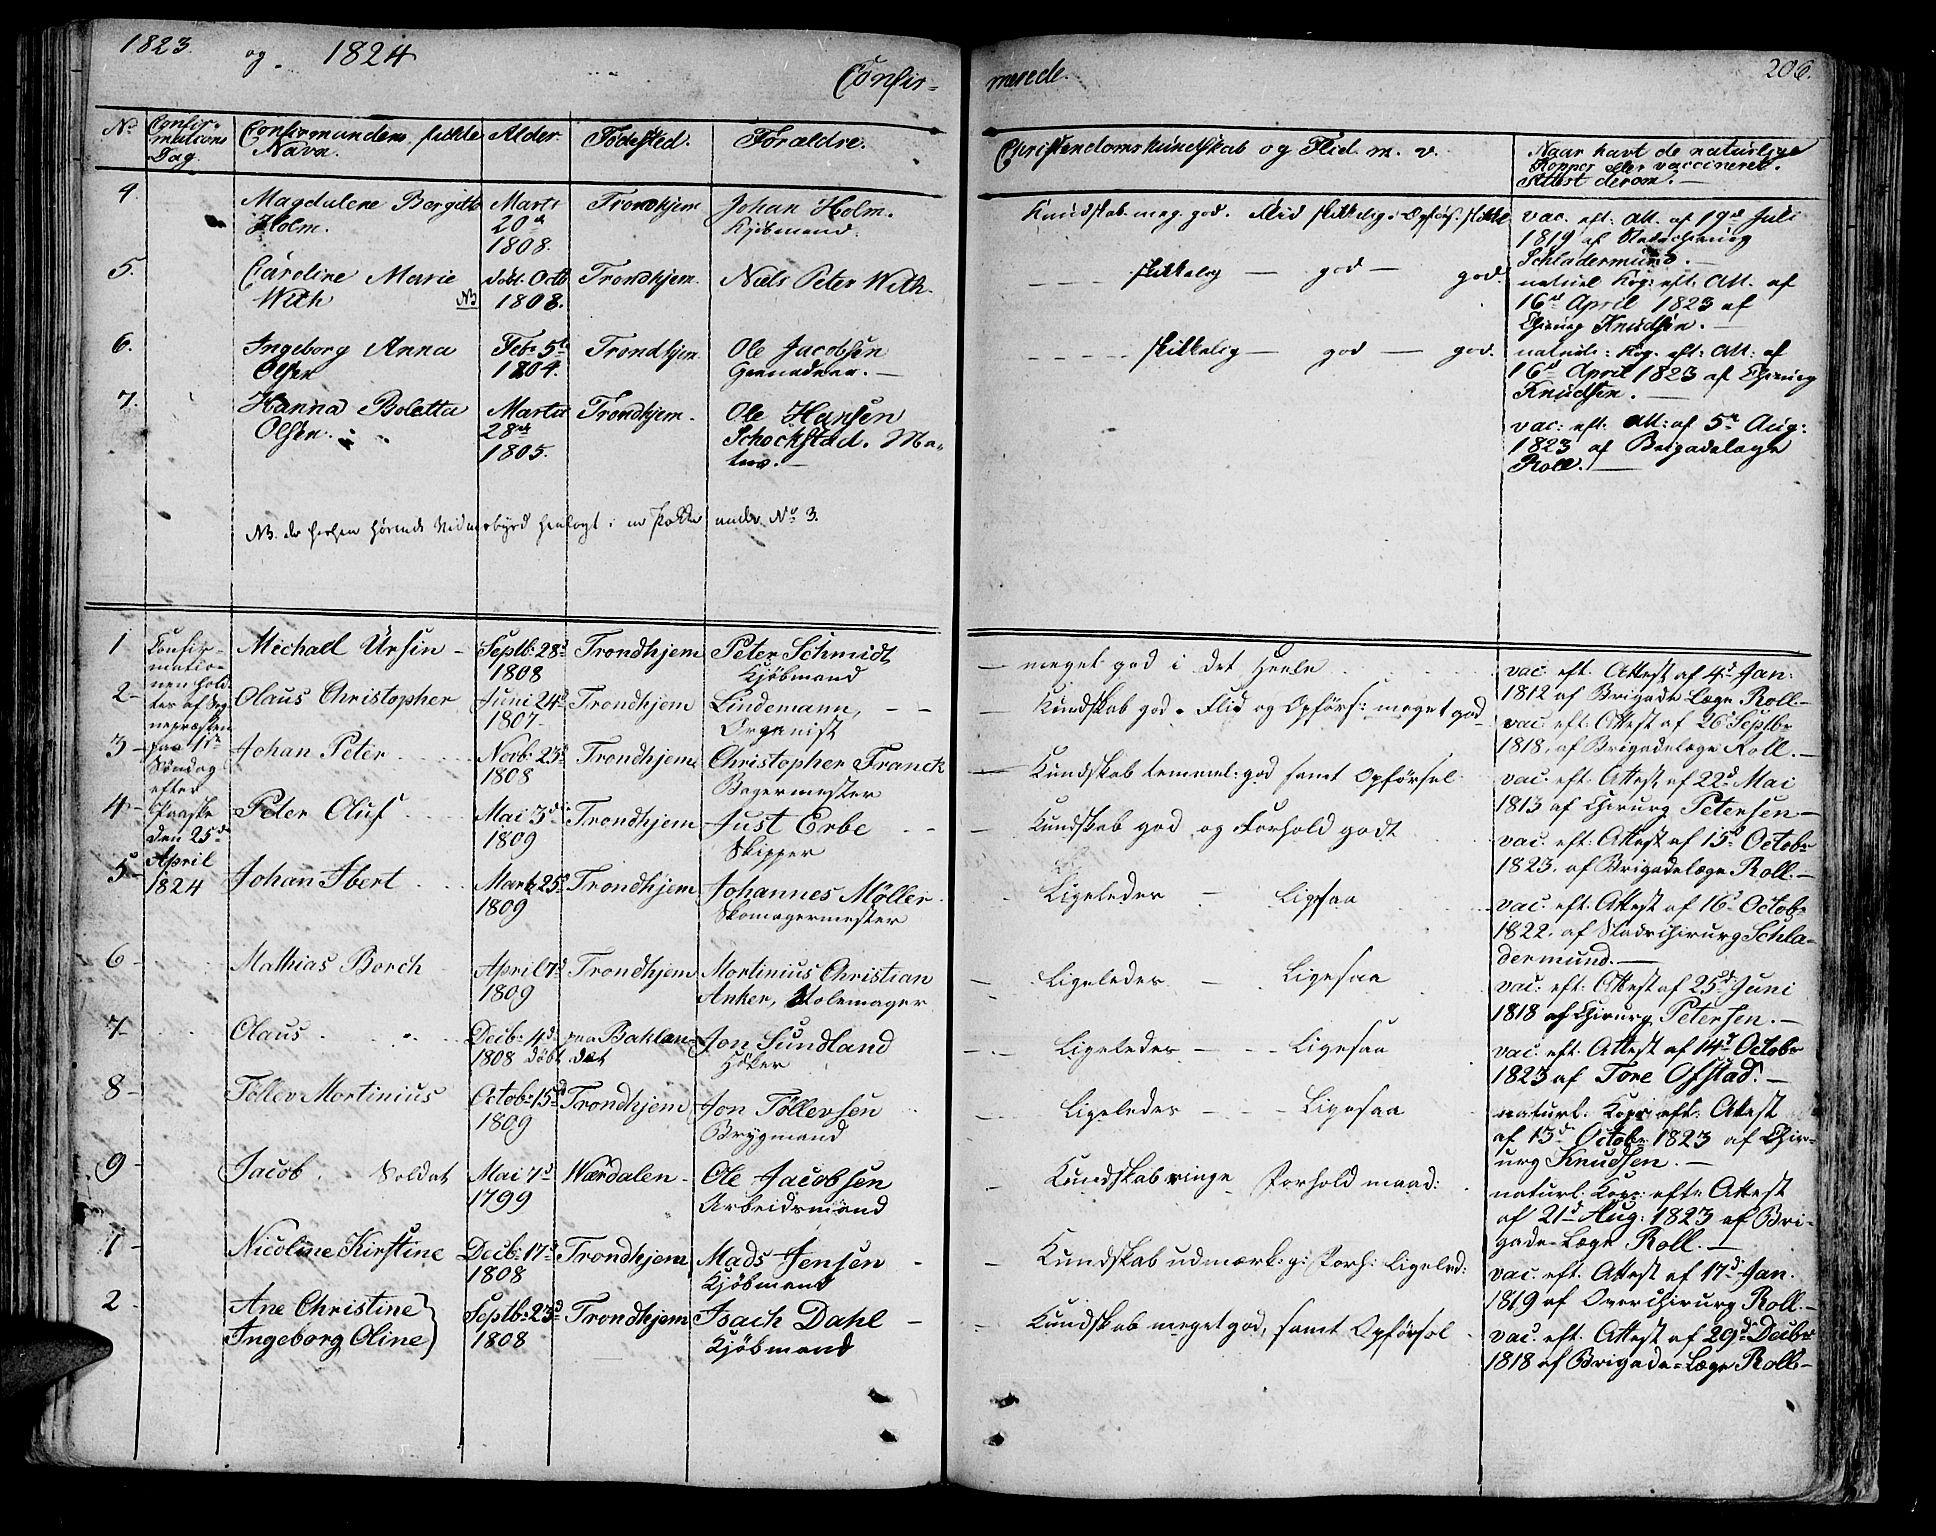 SAT, Ministerialprotokoller, klokkerbøker og fødselsregistre - Sør-Trøndelag, 602/L0108: Ministerialbok nr. 602A06, 1821-1839, s. 206